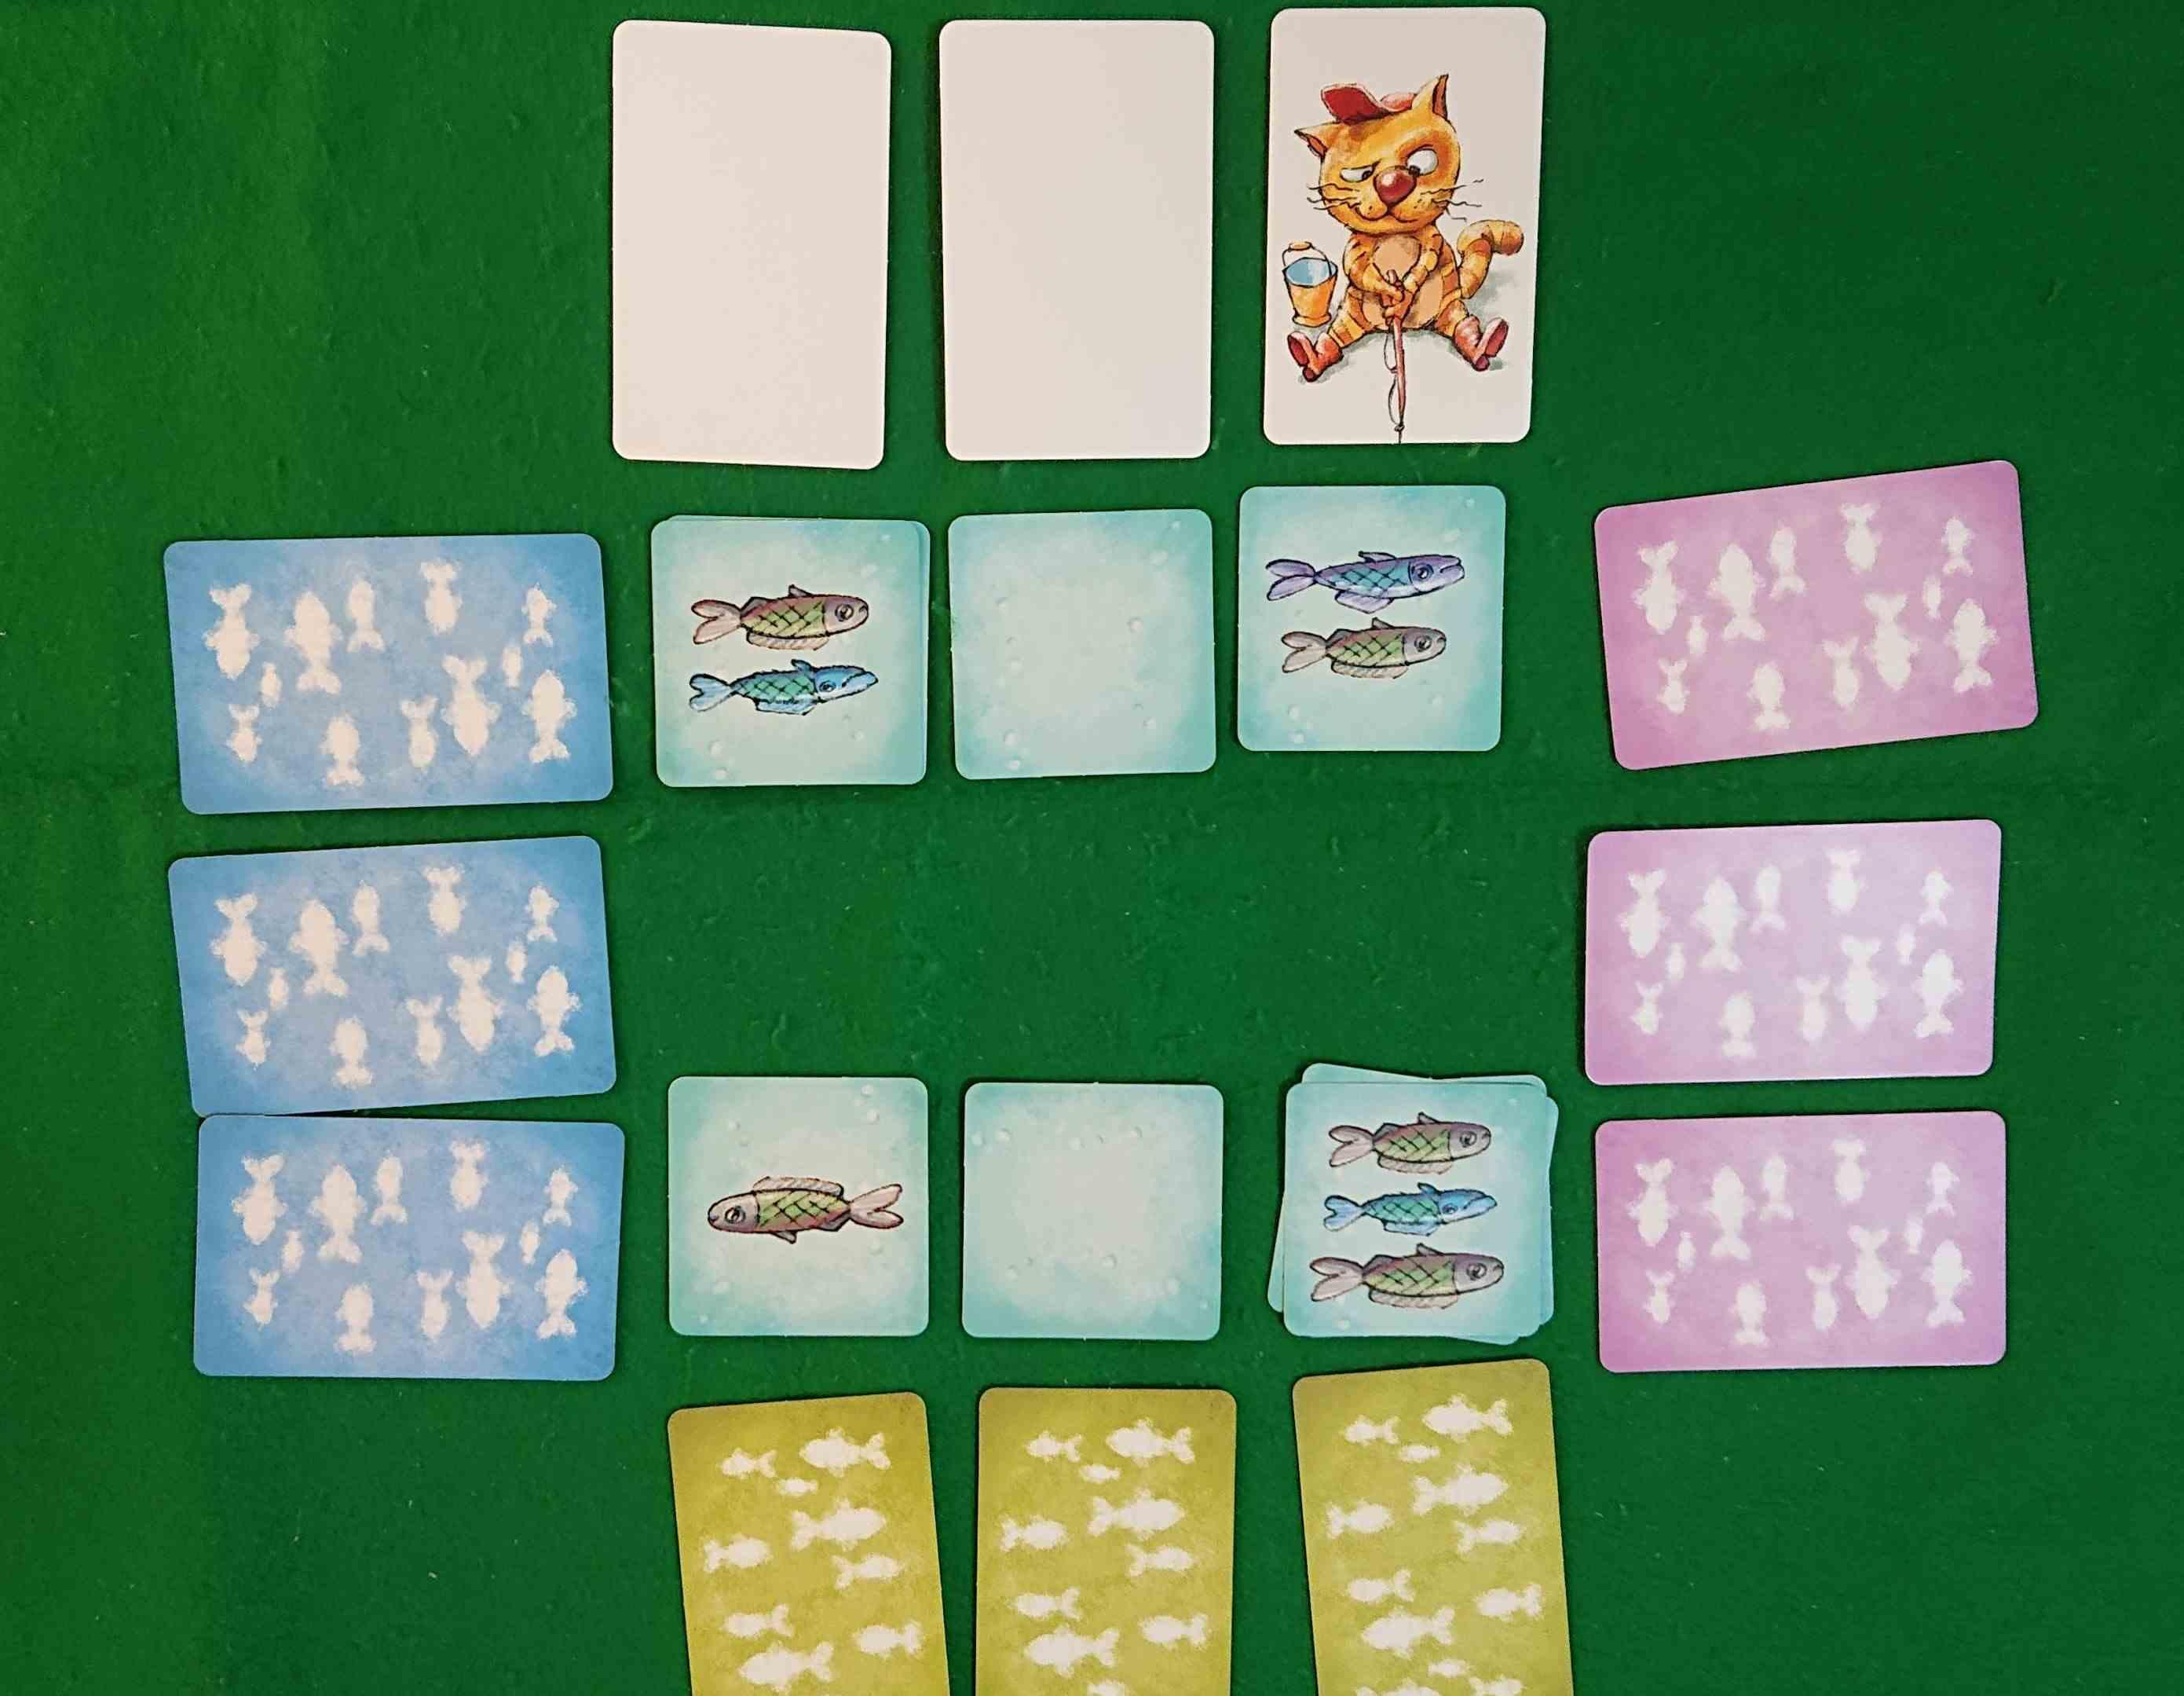 おさかなこいし 子どもと一緒に楽しめる カードゲーム ボードゲーム